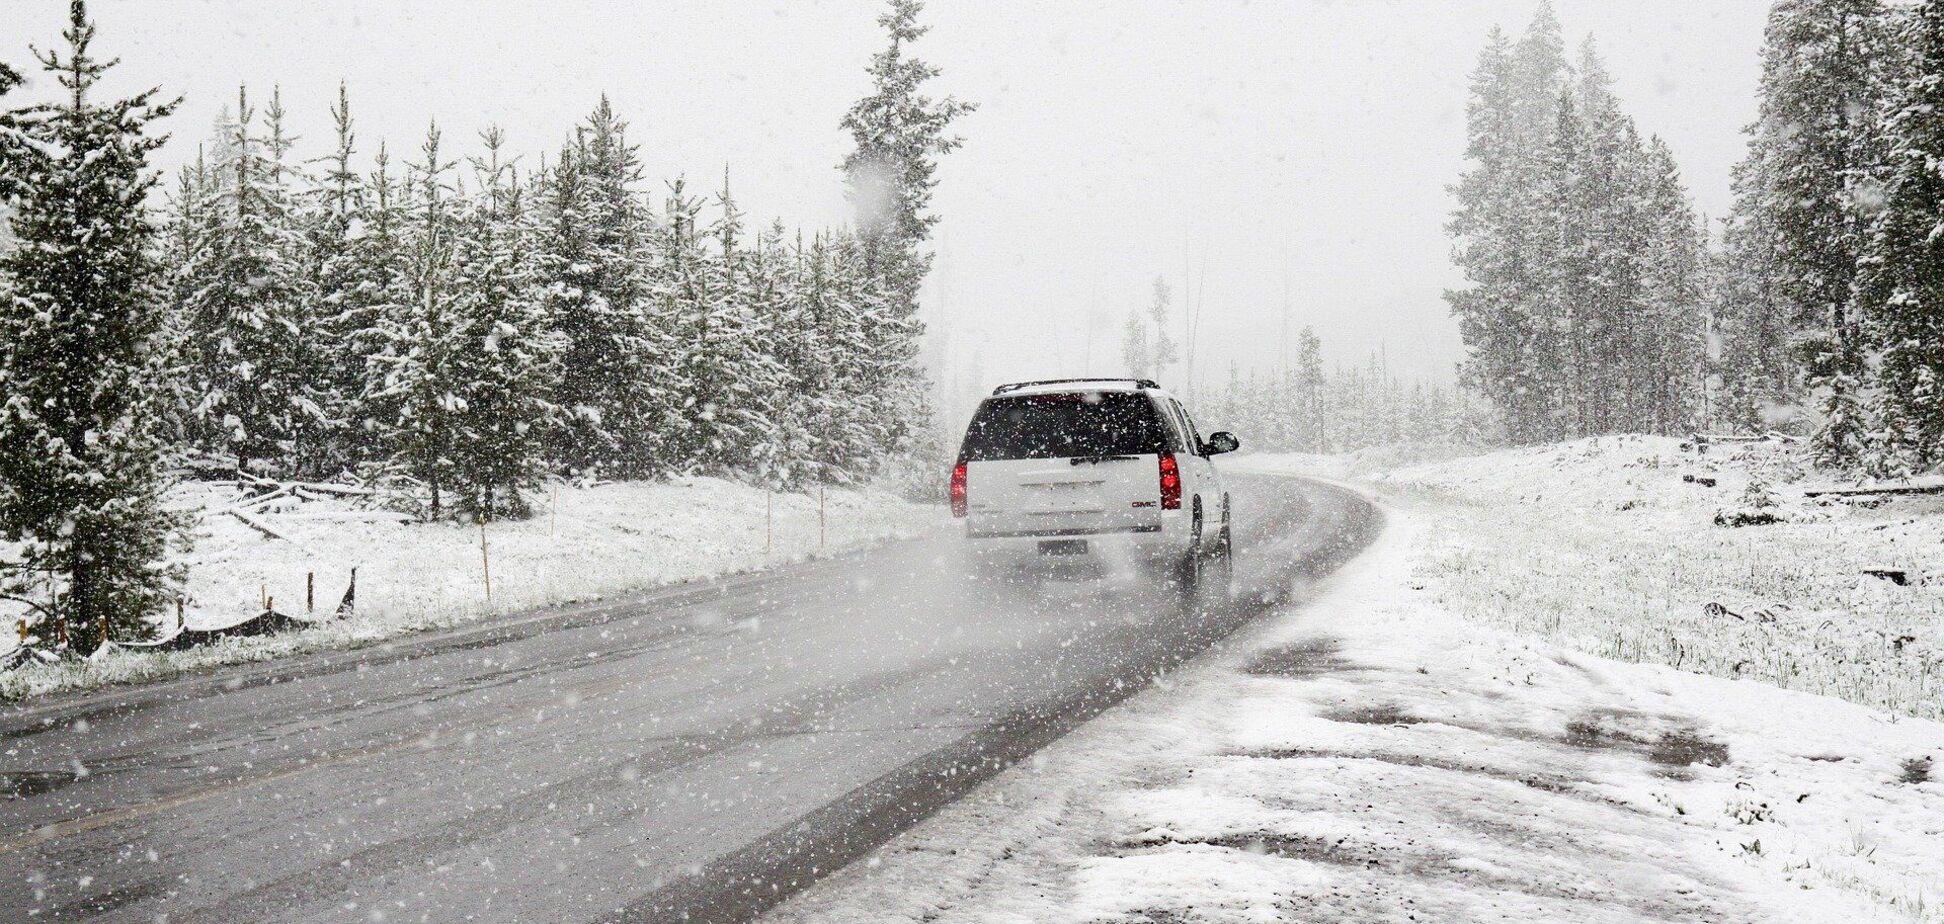 Морози посиляться до -19, місцями випаде сніг із дощем: прогноз погоди в Україні на середу. Карта